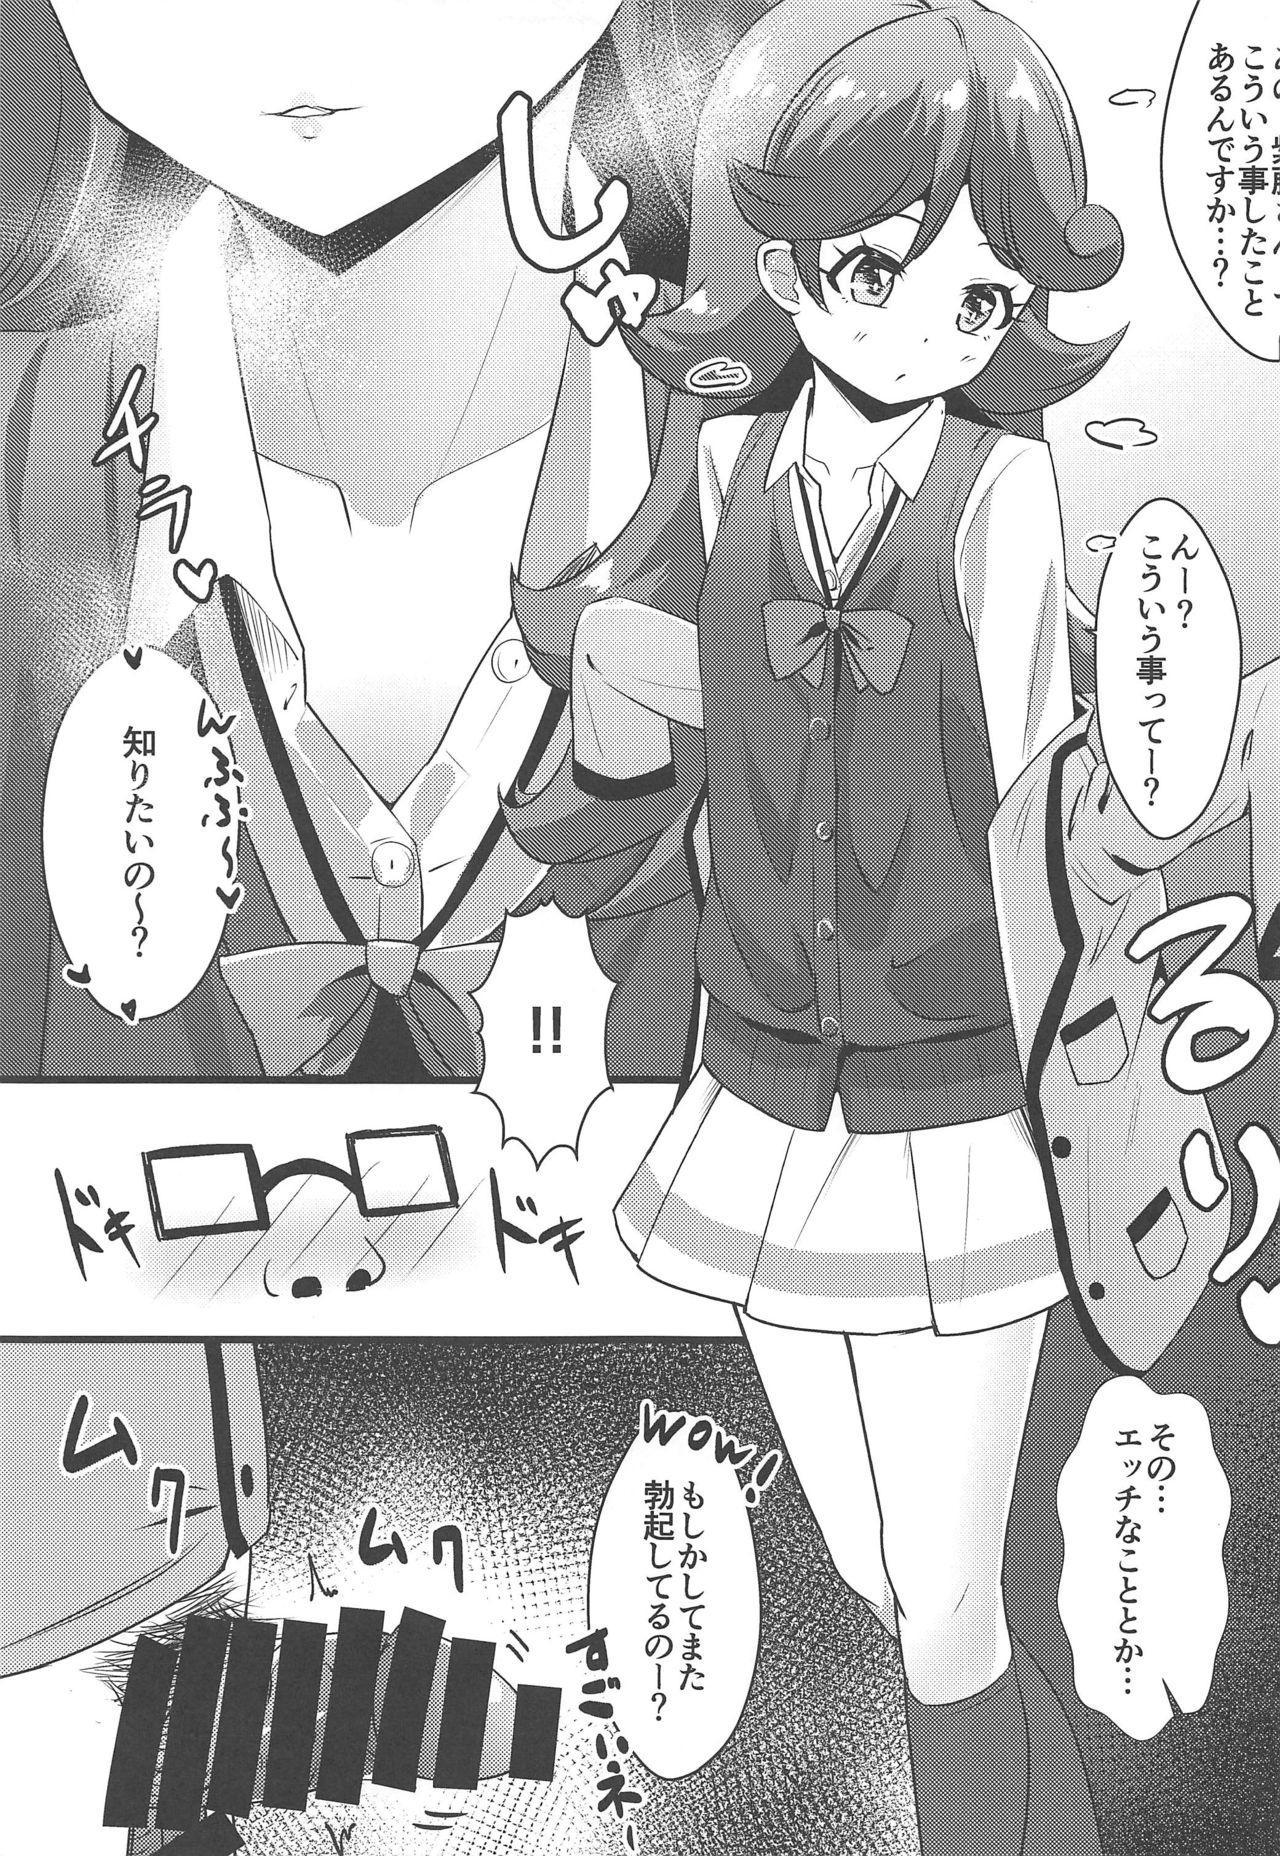 Classmate no Shiou-san ni Tanomikonde Ecchi na Koto o Shite Morau Hon + C97 Rakugaki Omake Hon 9